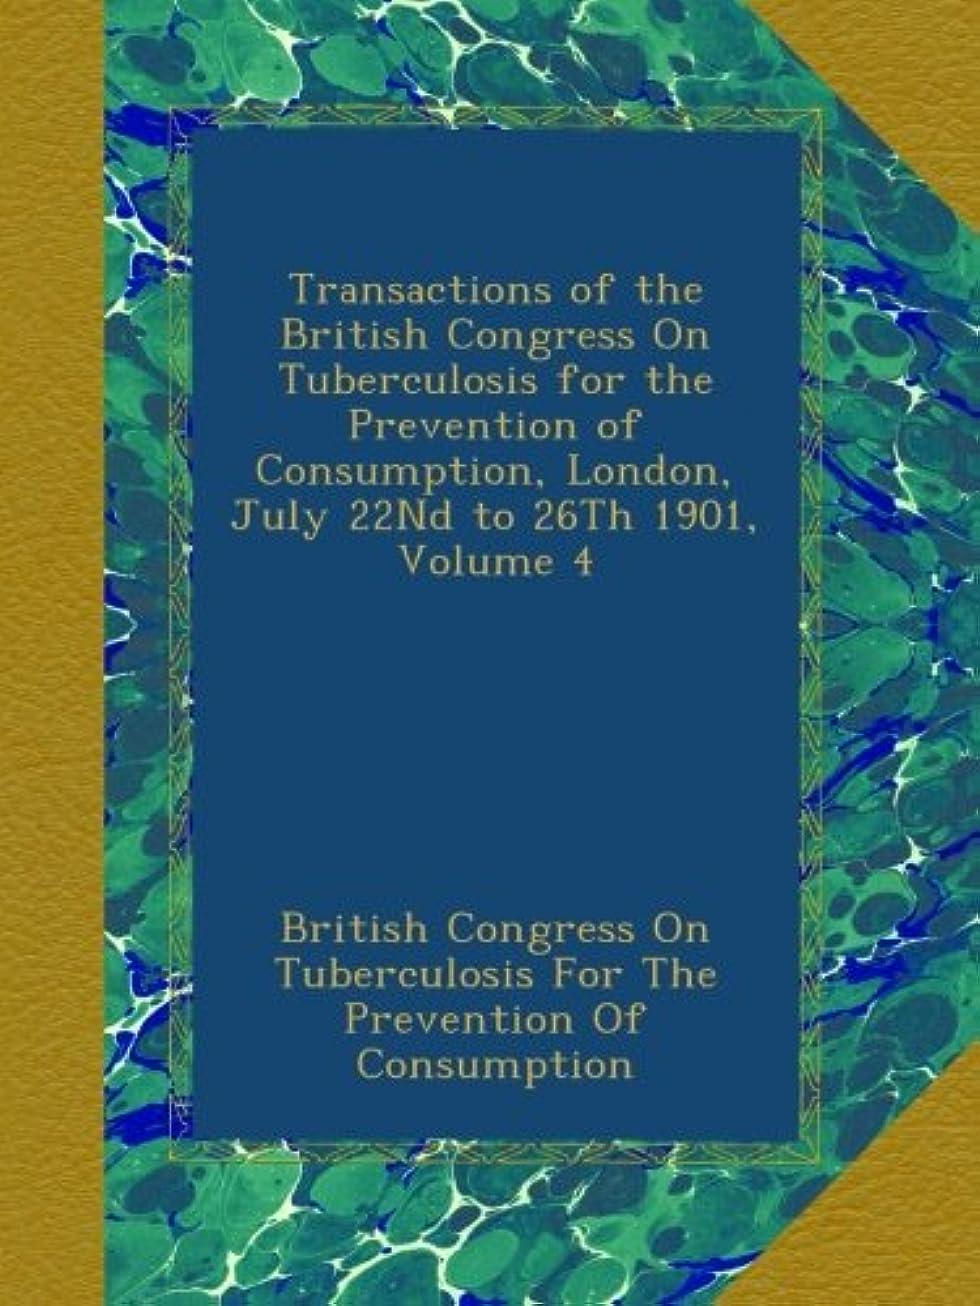 バスケットボールスリル猟犬Transactions of the British Congress On Tuberculosis for the Prevention of Consumption, London, July 22Nd to 26Th 1901, Volume 4